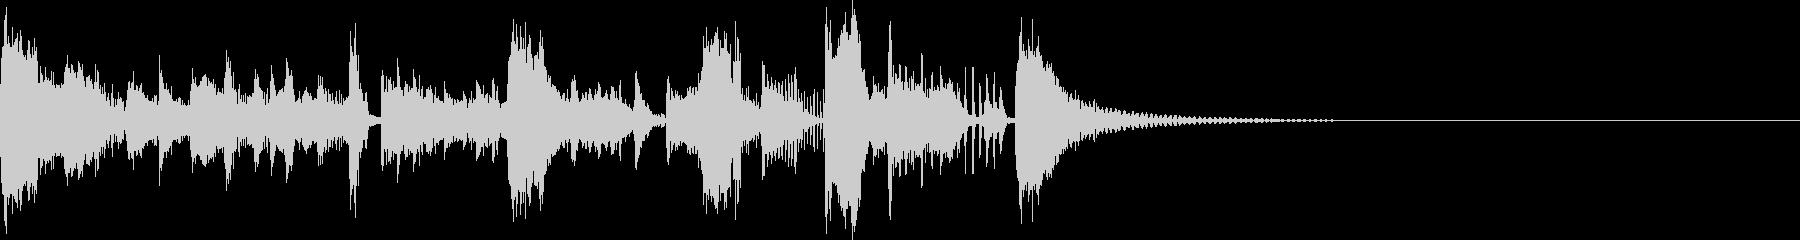 ヒップホップ風の明るいイメージのジングルの未再生の波形